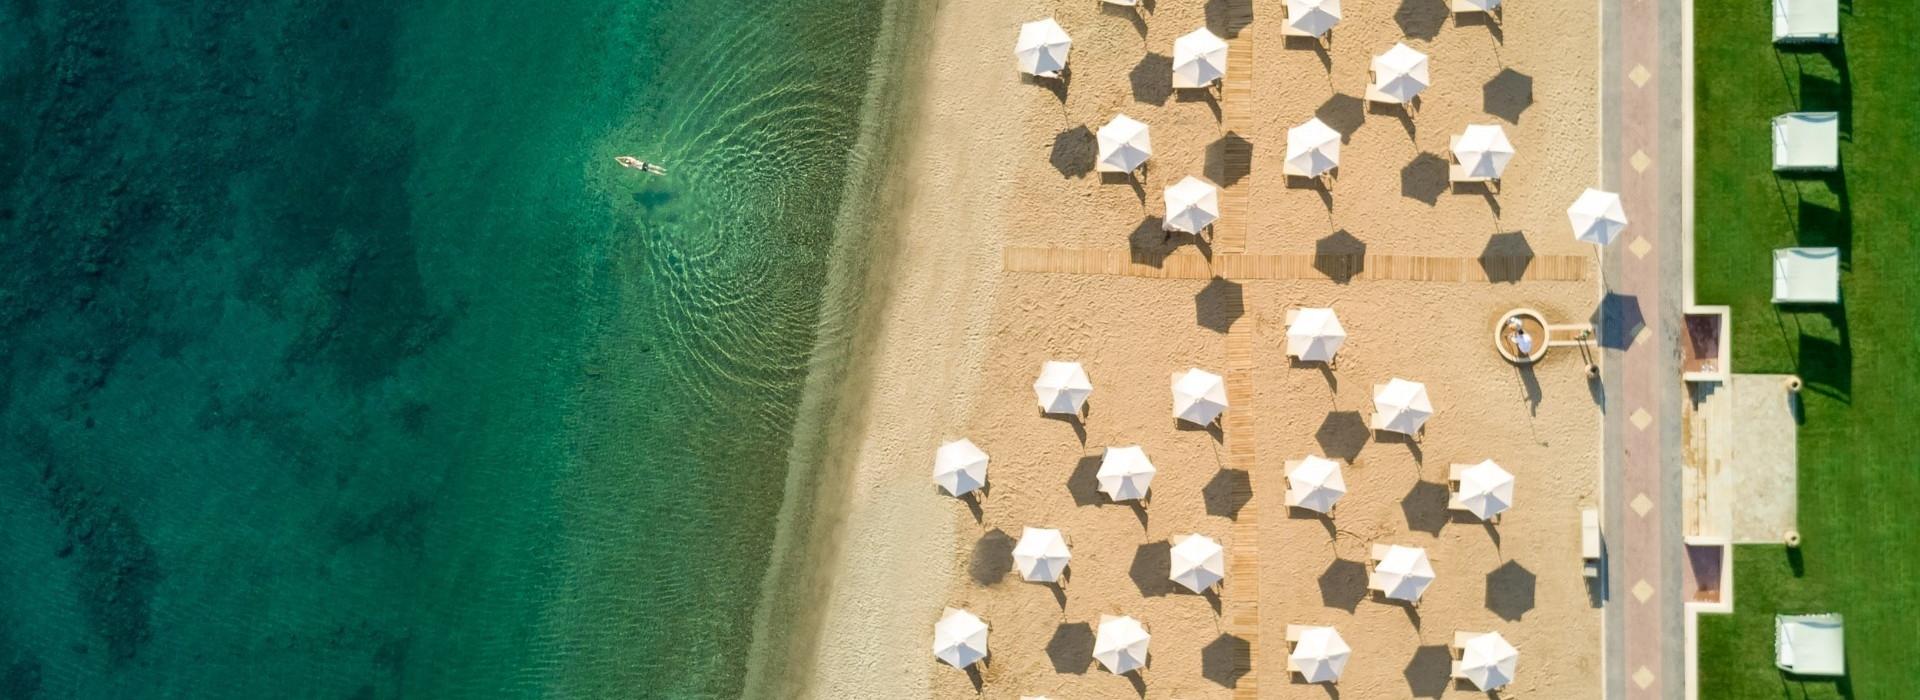 Miraggio Thermal Resort & Spa 5*